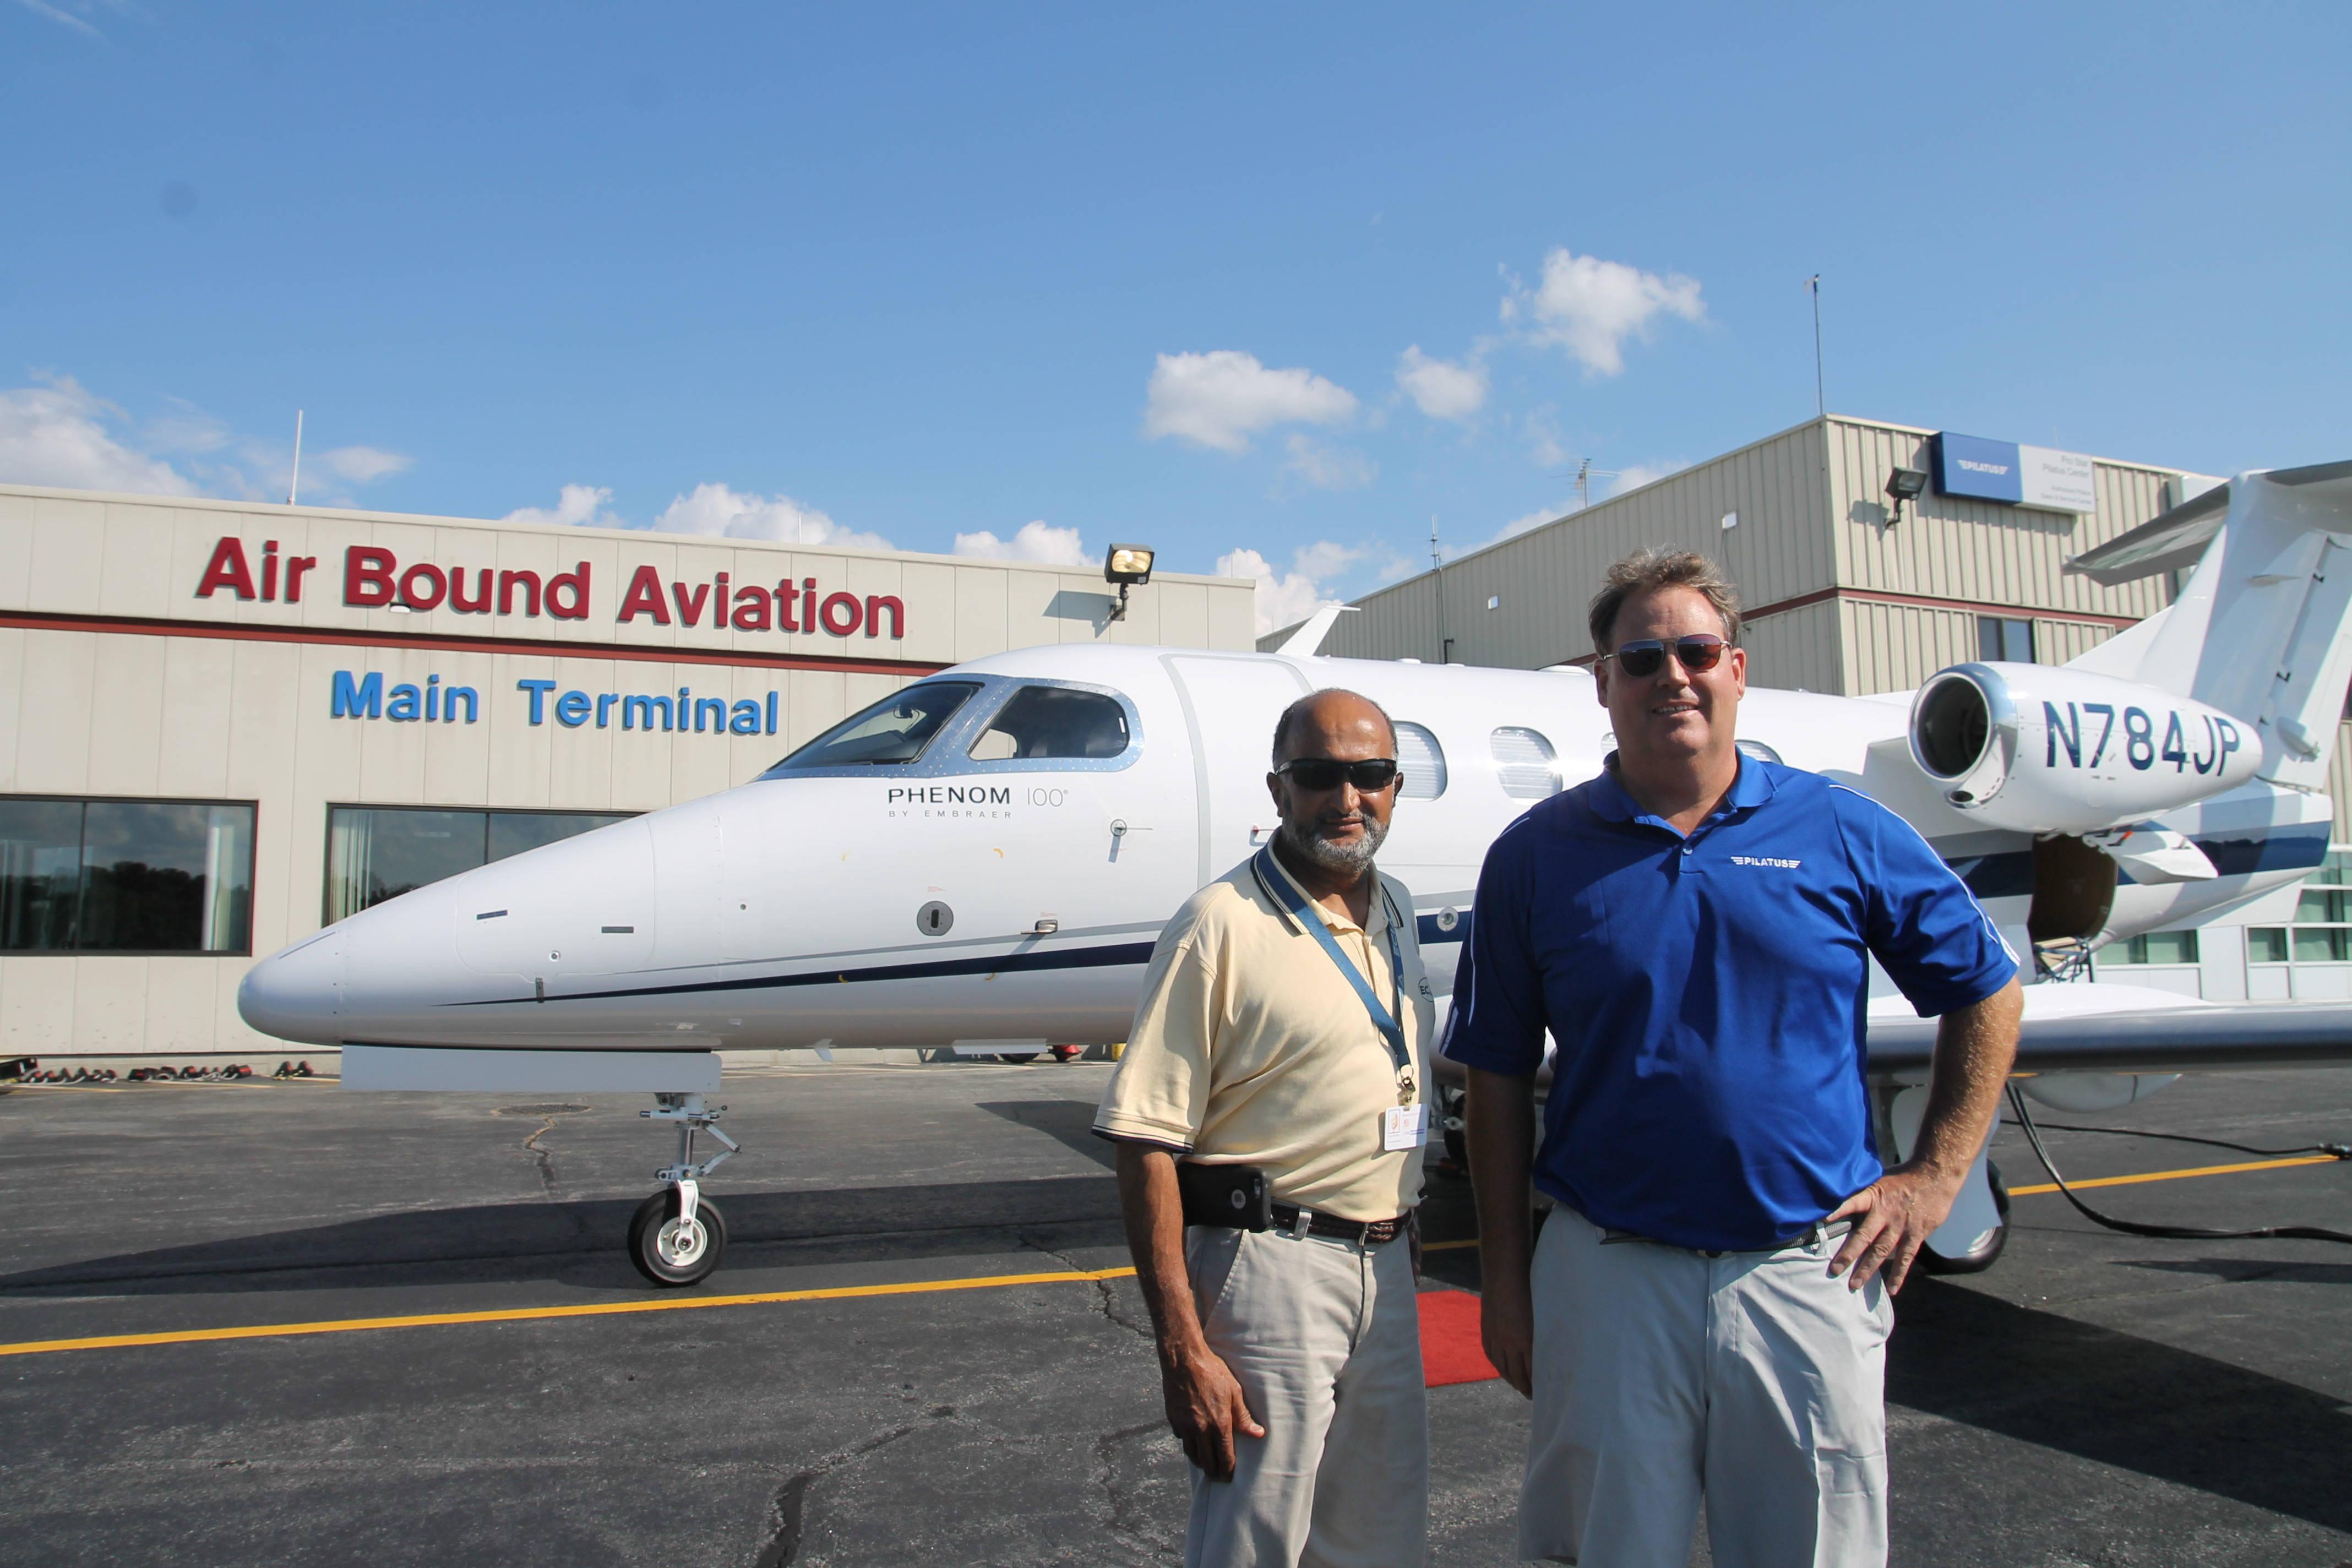 air bound aviation essex